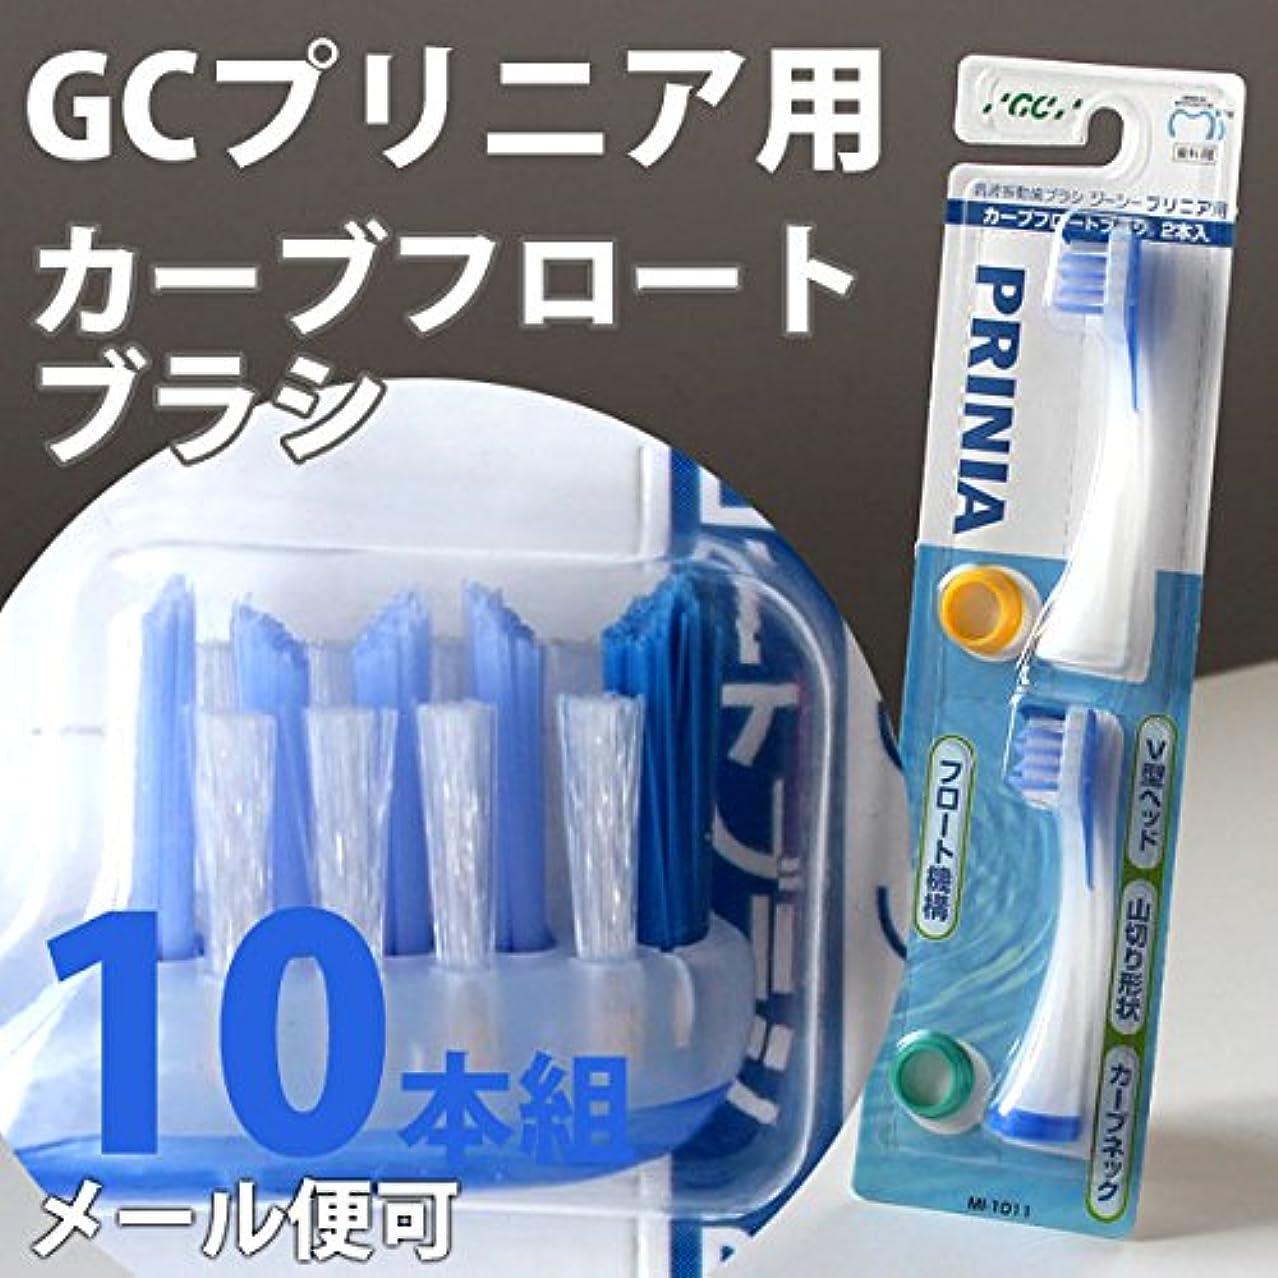 エリート債権者ホームプリニア GC 音波振動 歯ブラシ プリニアスリム替えブラシ カーブフロートブラシ 5セット (10本) ブルー